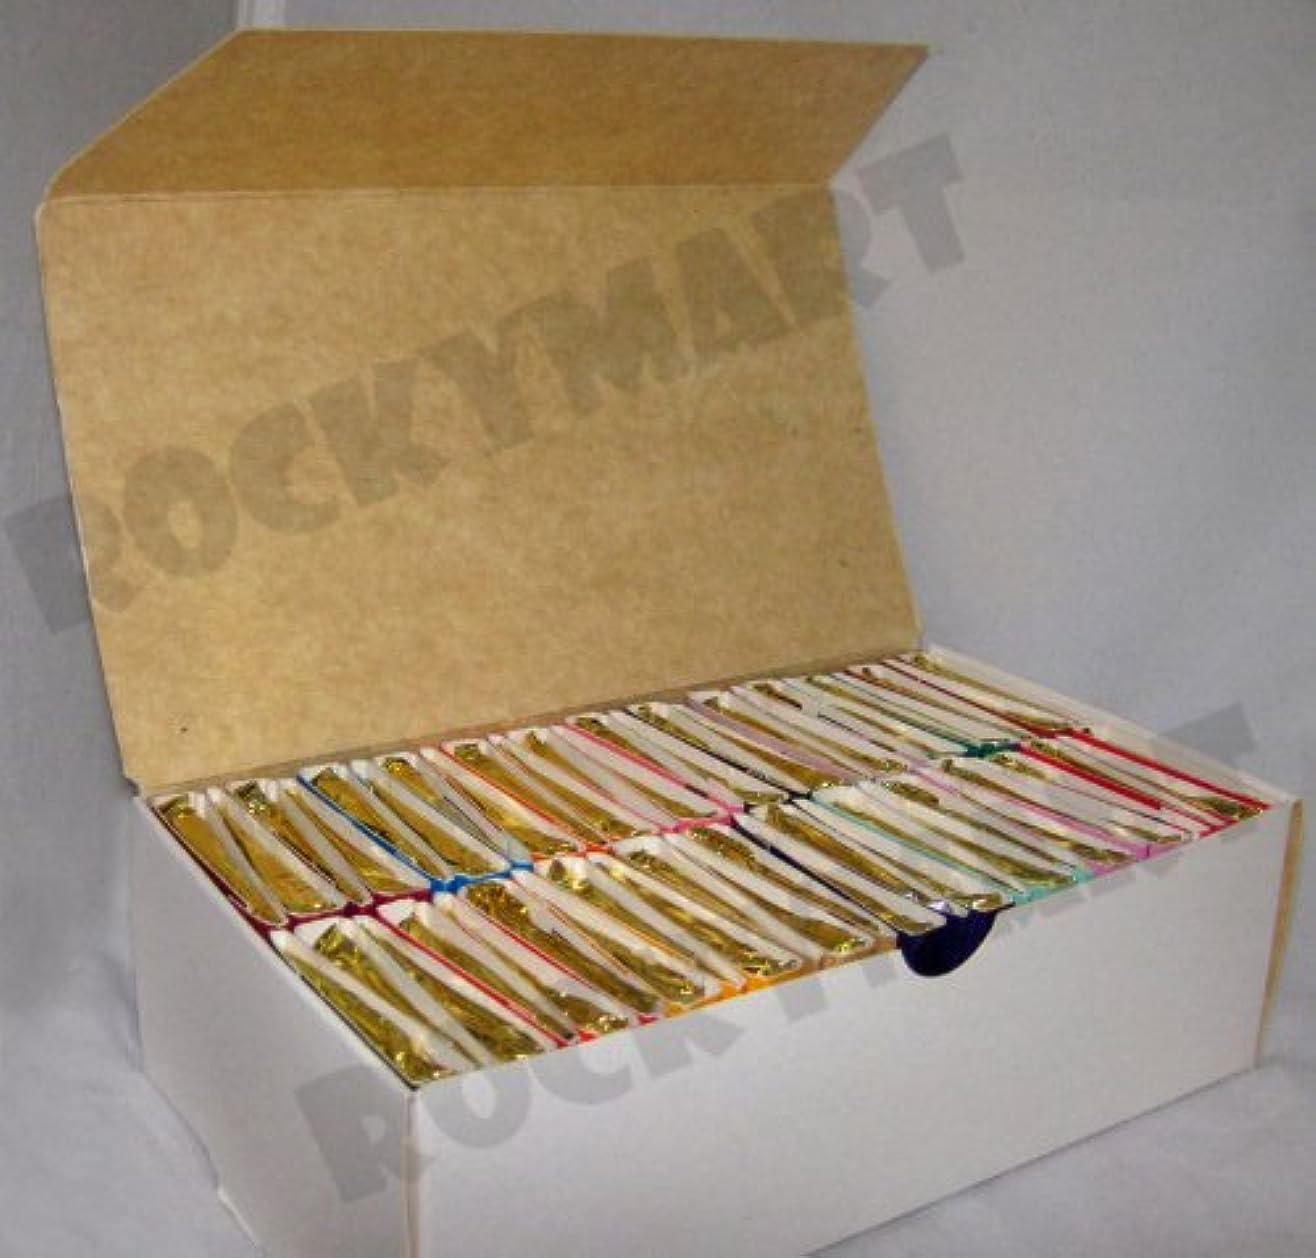 未満食事詩Box of 50 Books of Incense Matches - 16 Fragrances - Assorted - Scent Match